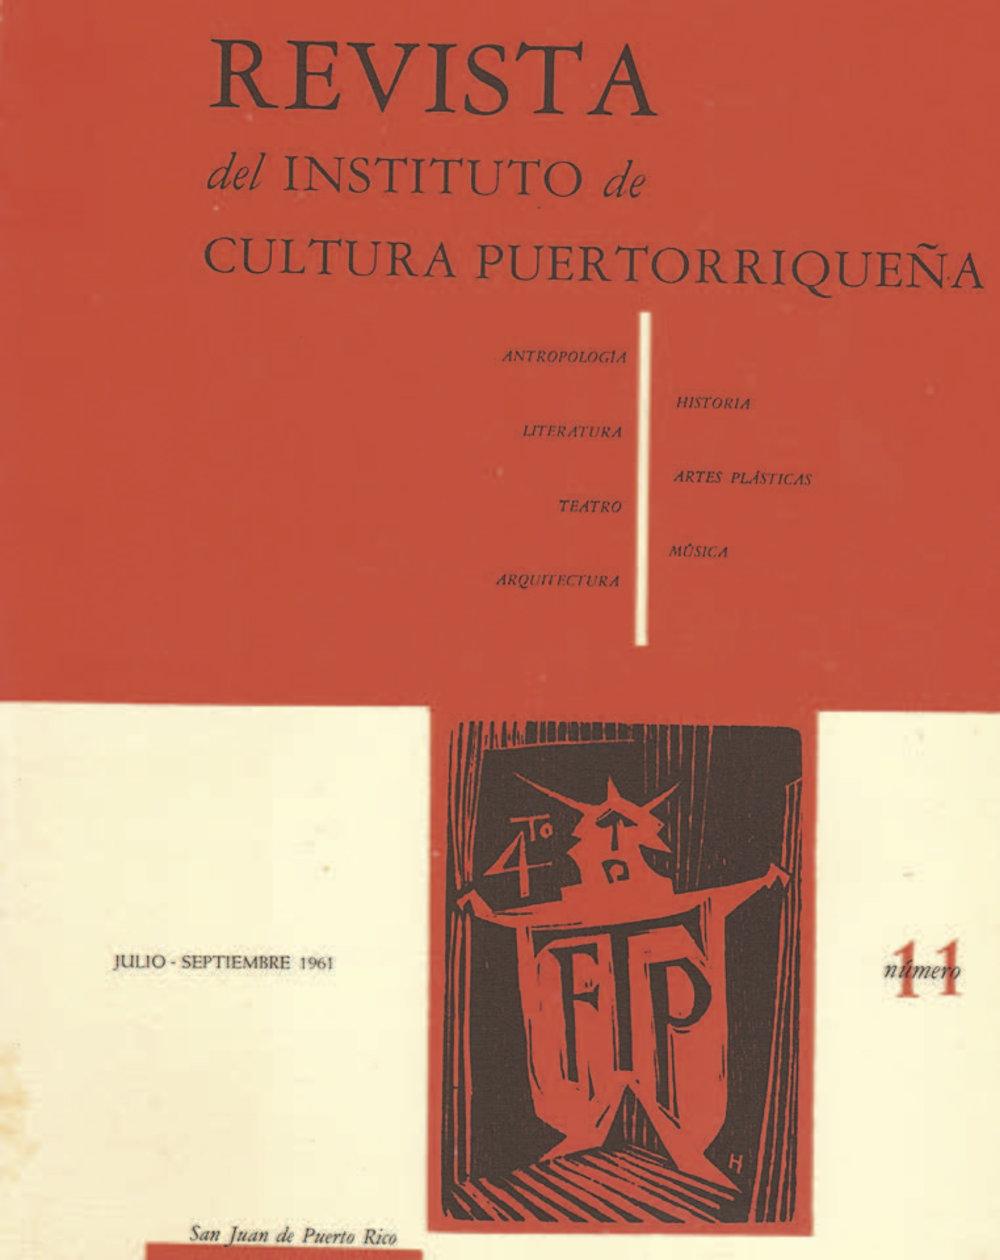 Revista del ICP, Primera Serie, Número 11.jpg